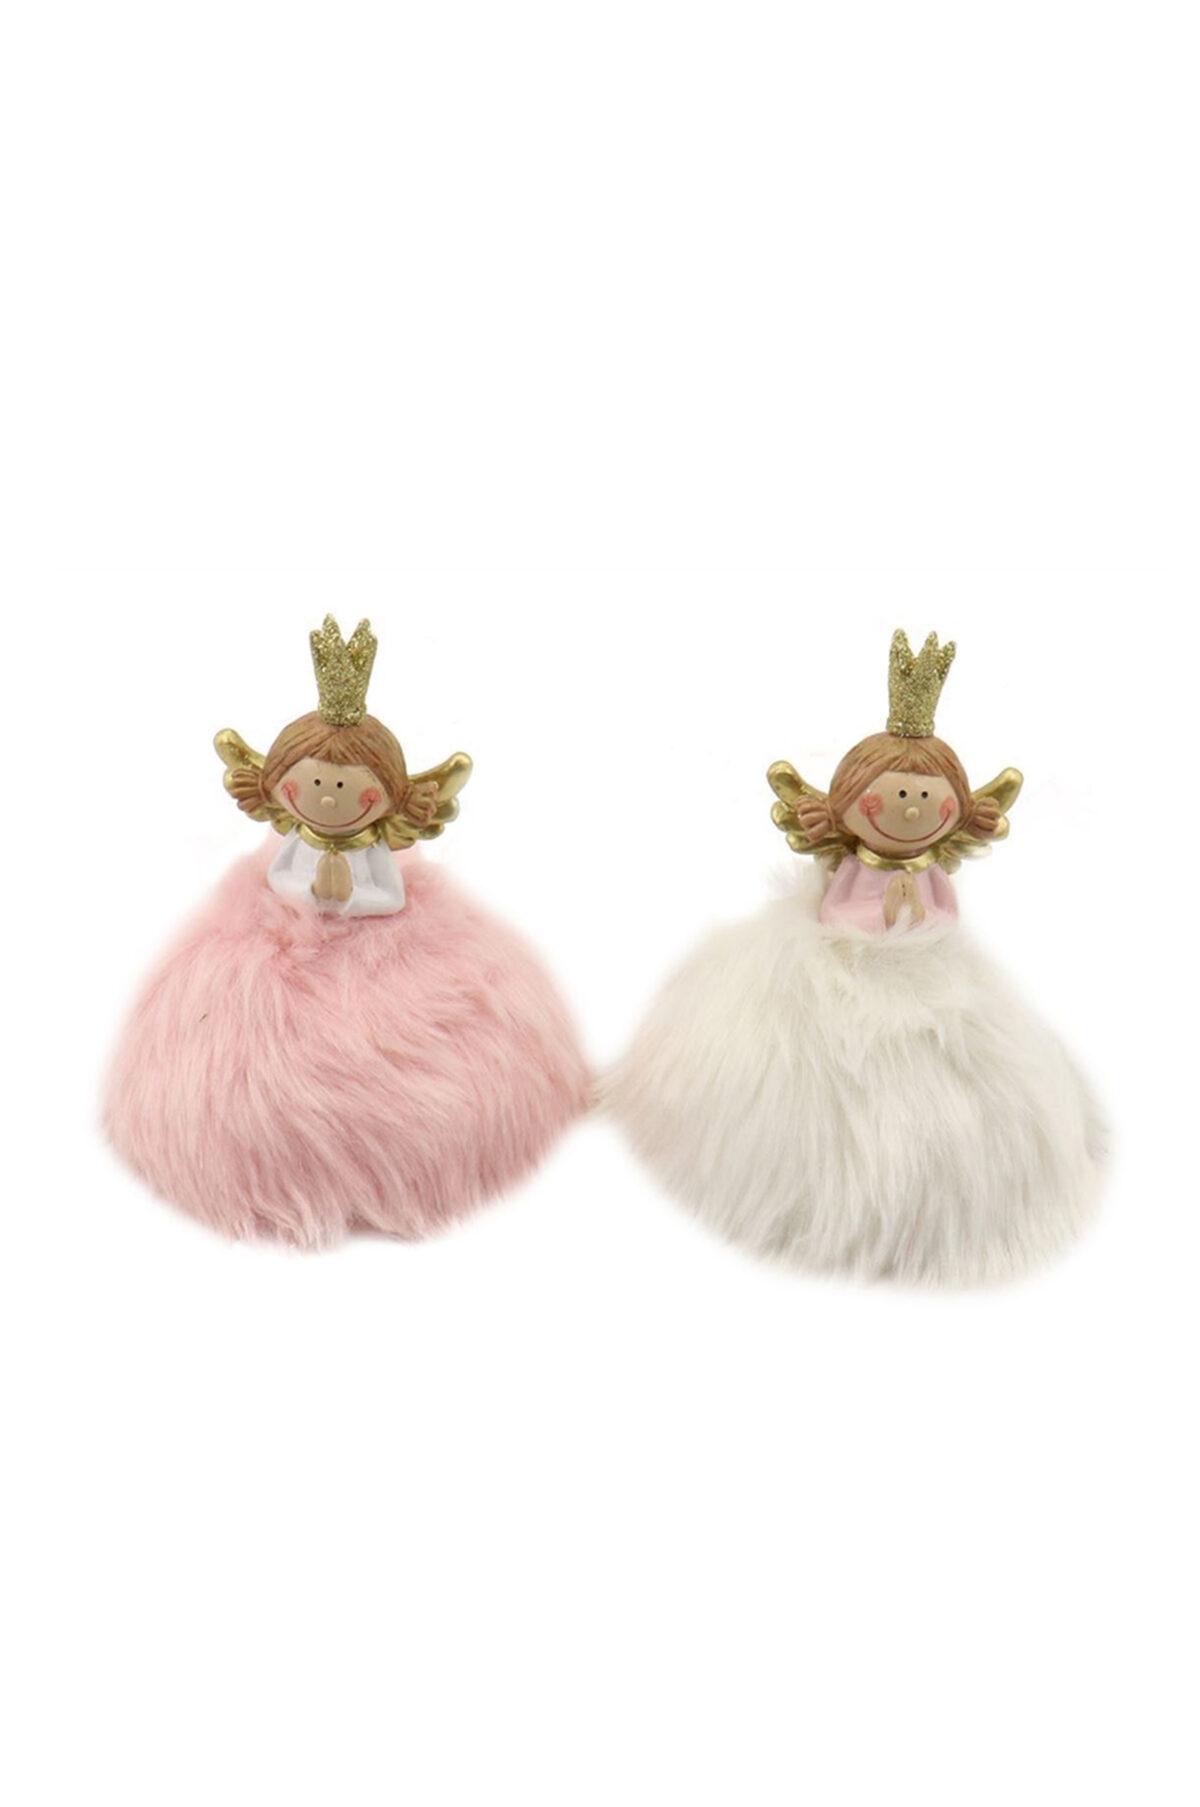 Set 2 angioletti in ceramica con tutù di pelo rosa e bianco, corona glitter e ali oro d. 9 cm h. 11,5 cm